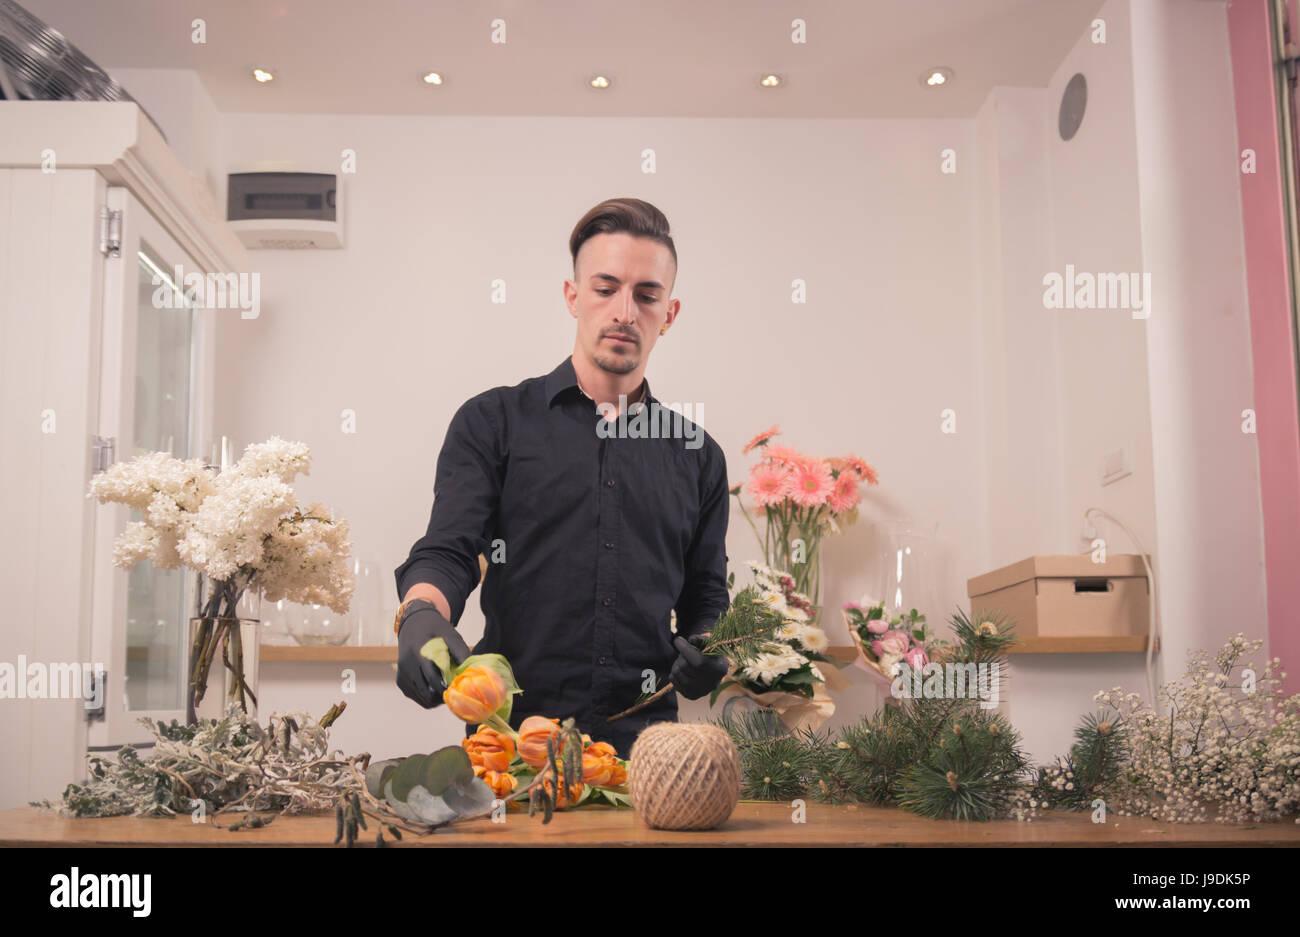 ein Erwachsener Jüngling, Blumengeschäft, Kommissionierung Wahl anordnen von Blumen, Blumenladen im Innenbereich Stockbild